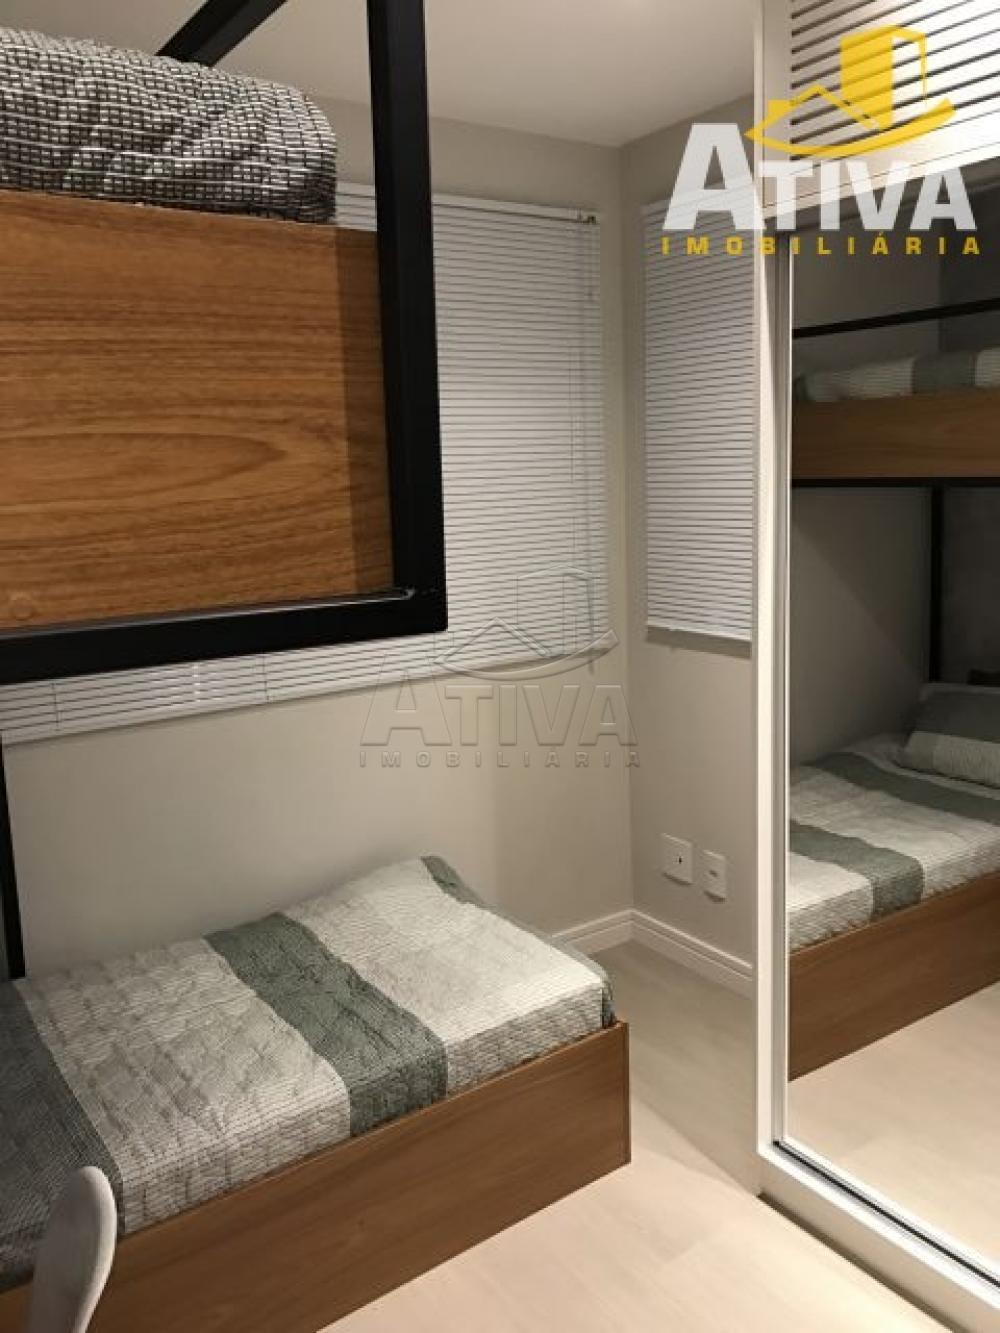 Comprar Apartamento / Padrão em Toledo apenas R$ 650.000,00 - Foto 15